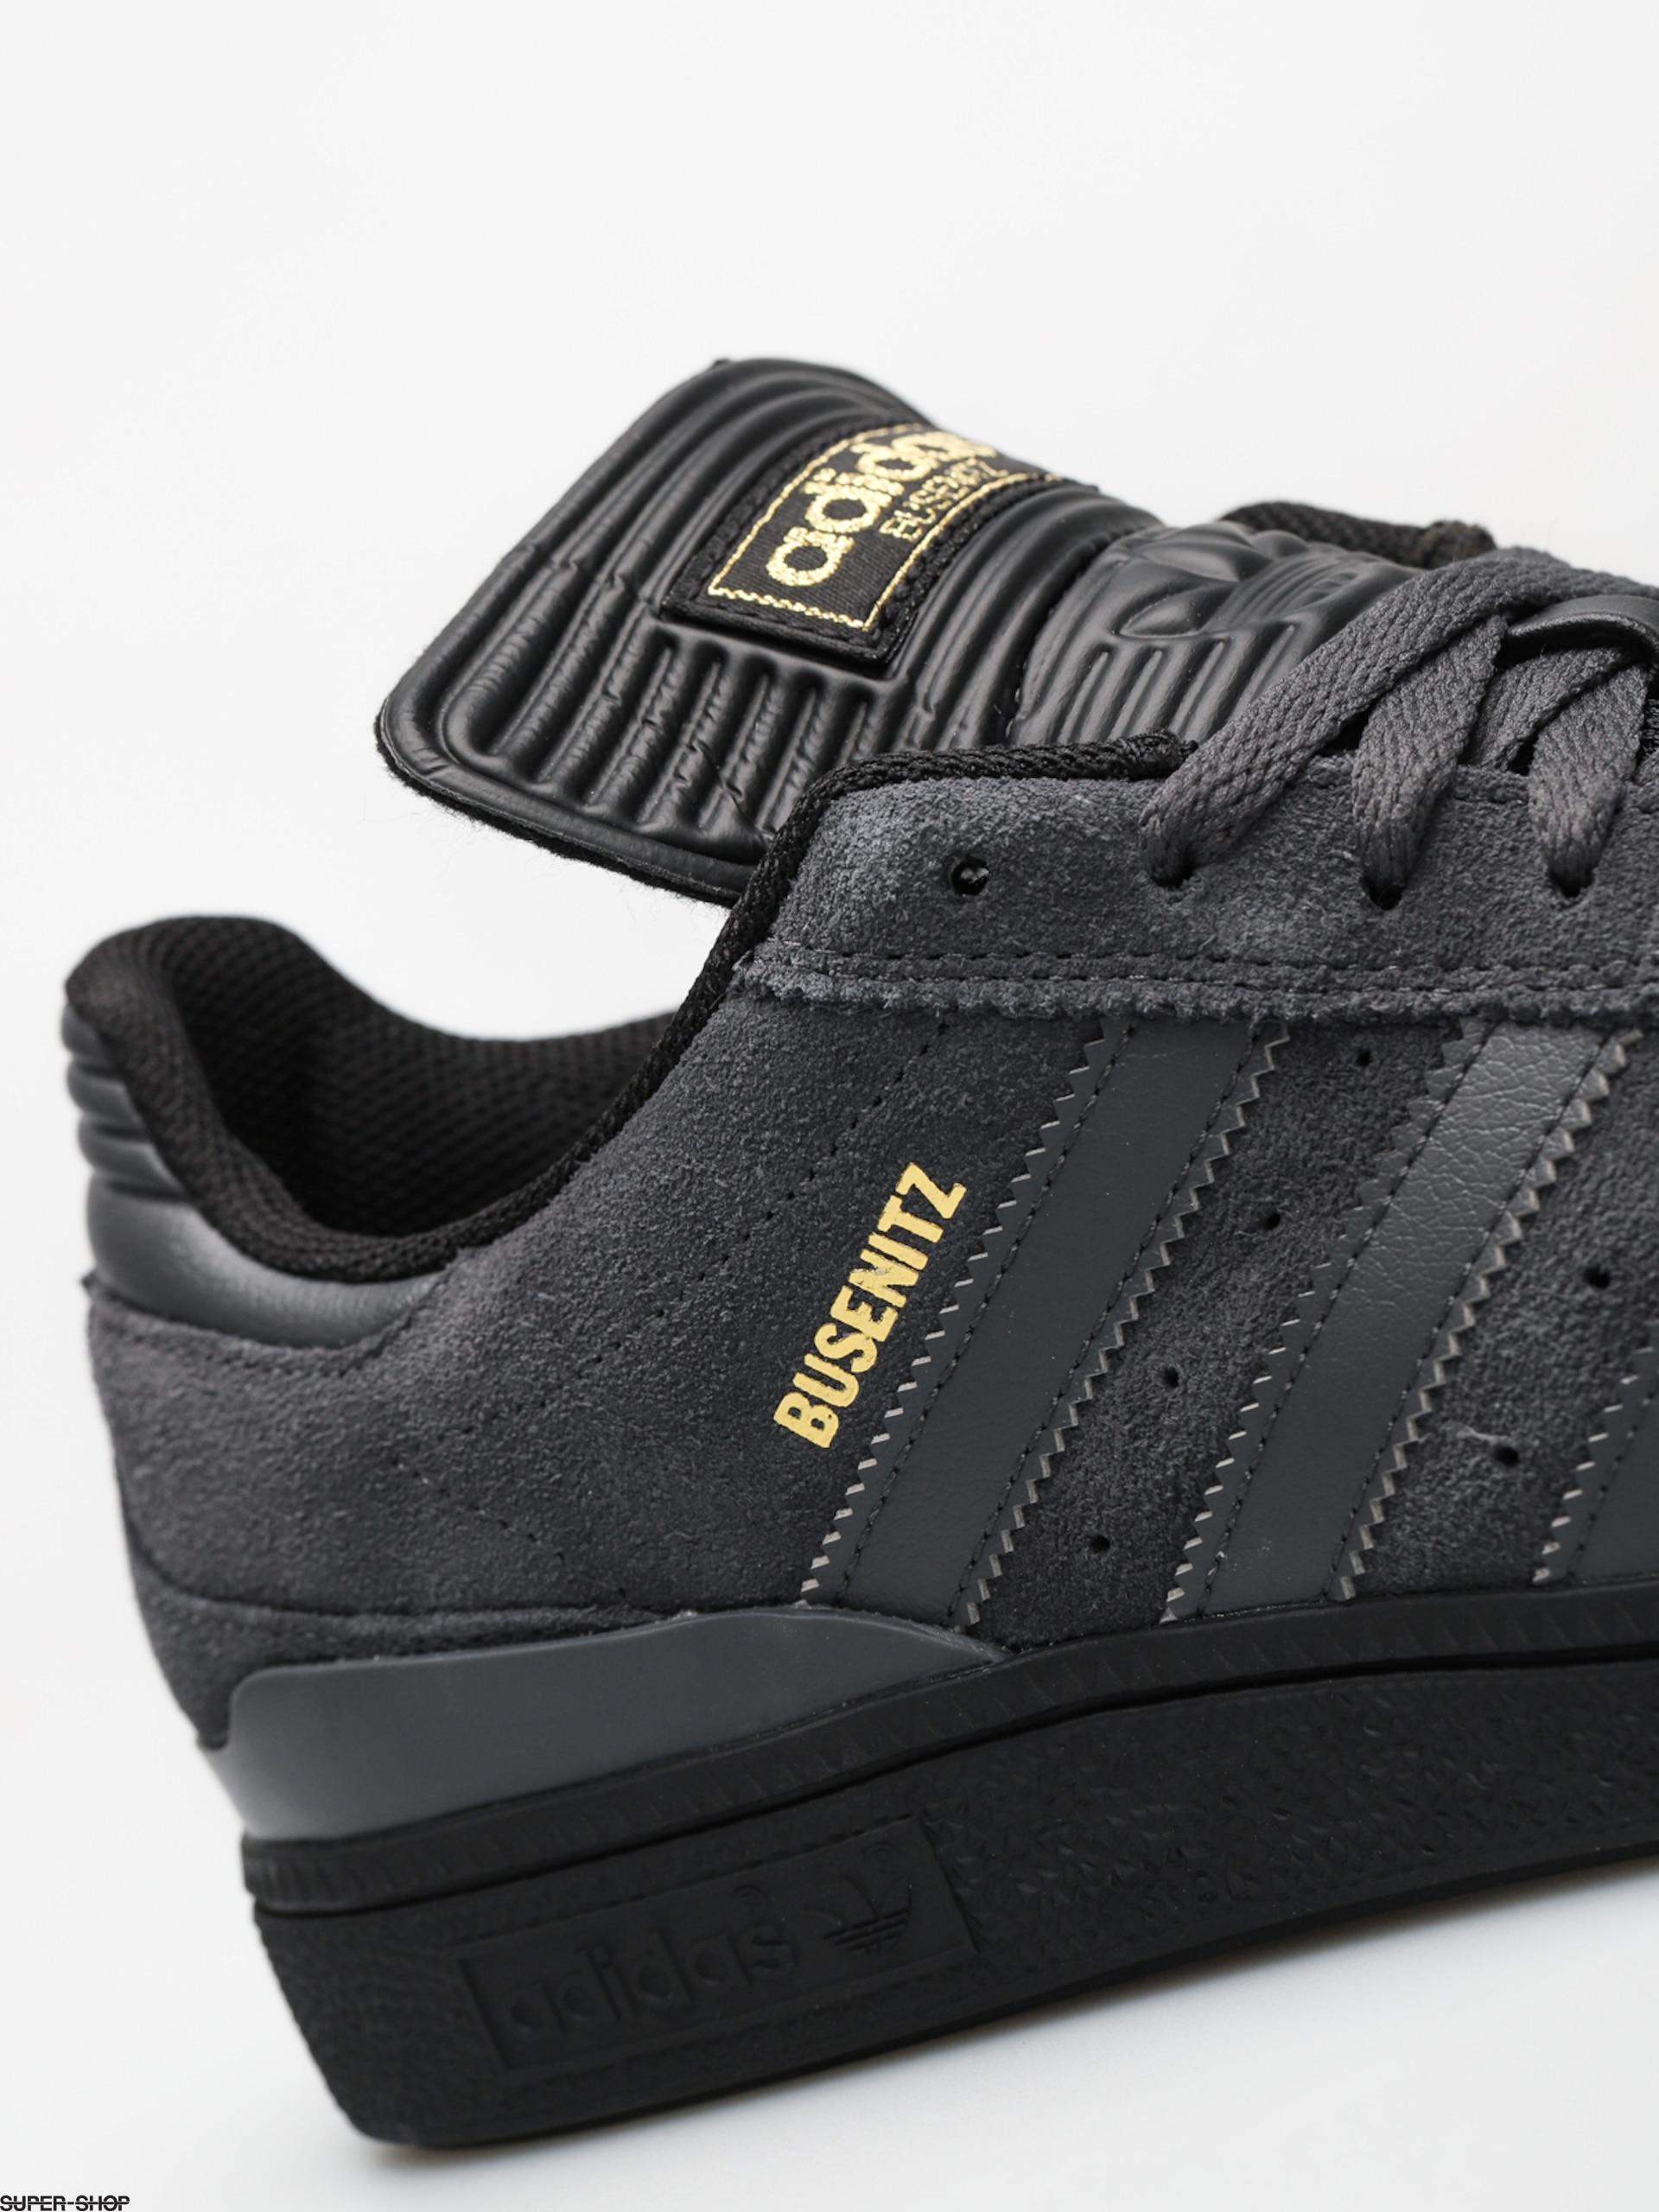 fc4b1b64d20 adidas Shoes Busenitz (dgh solid grey core black gold foil)